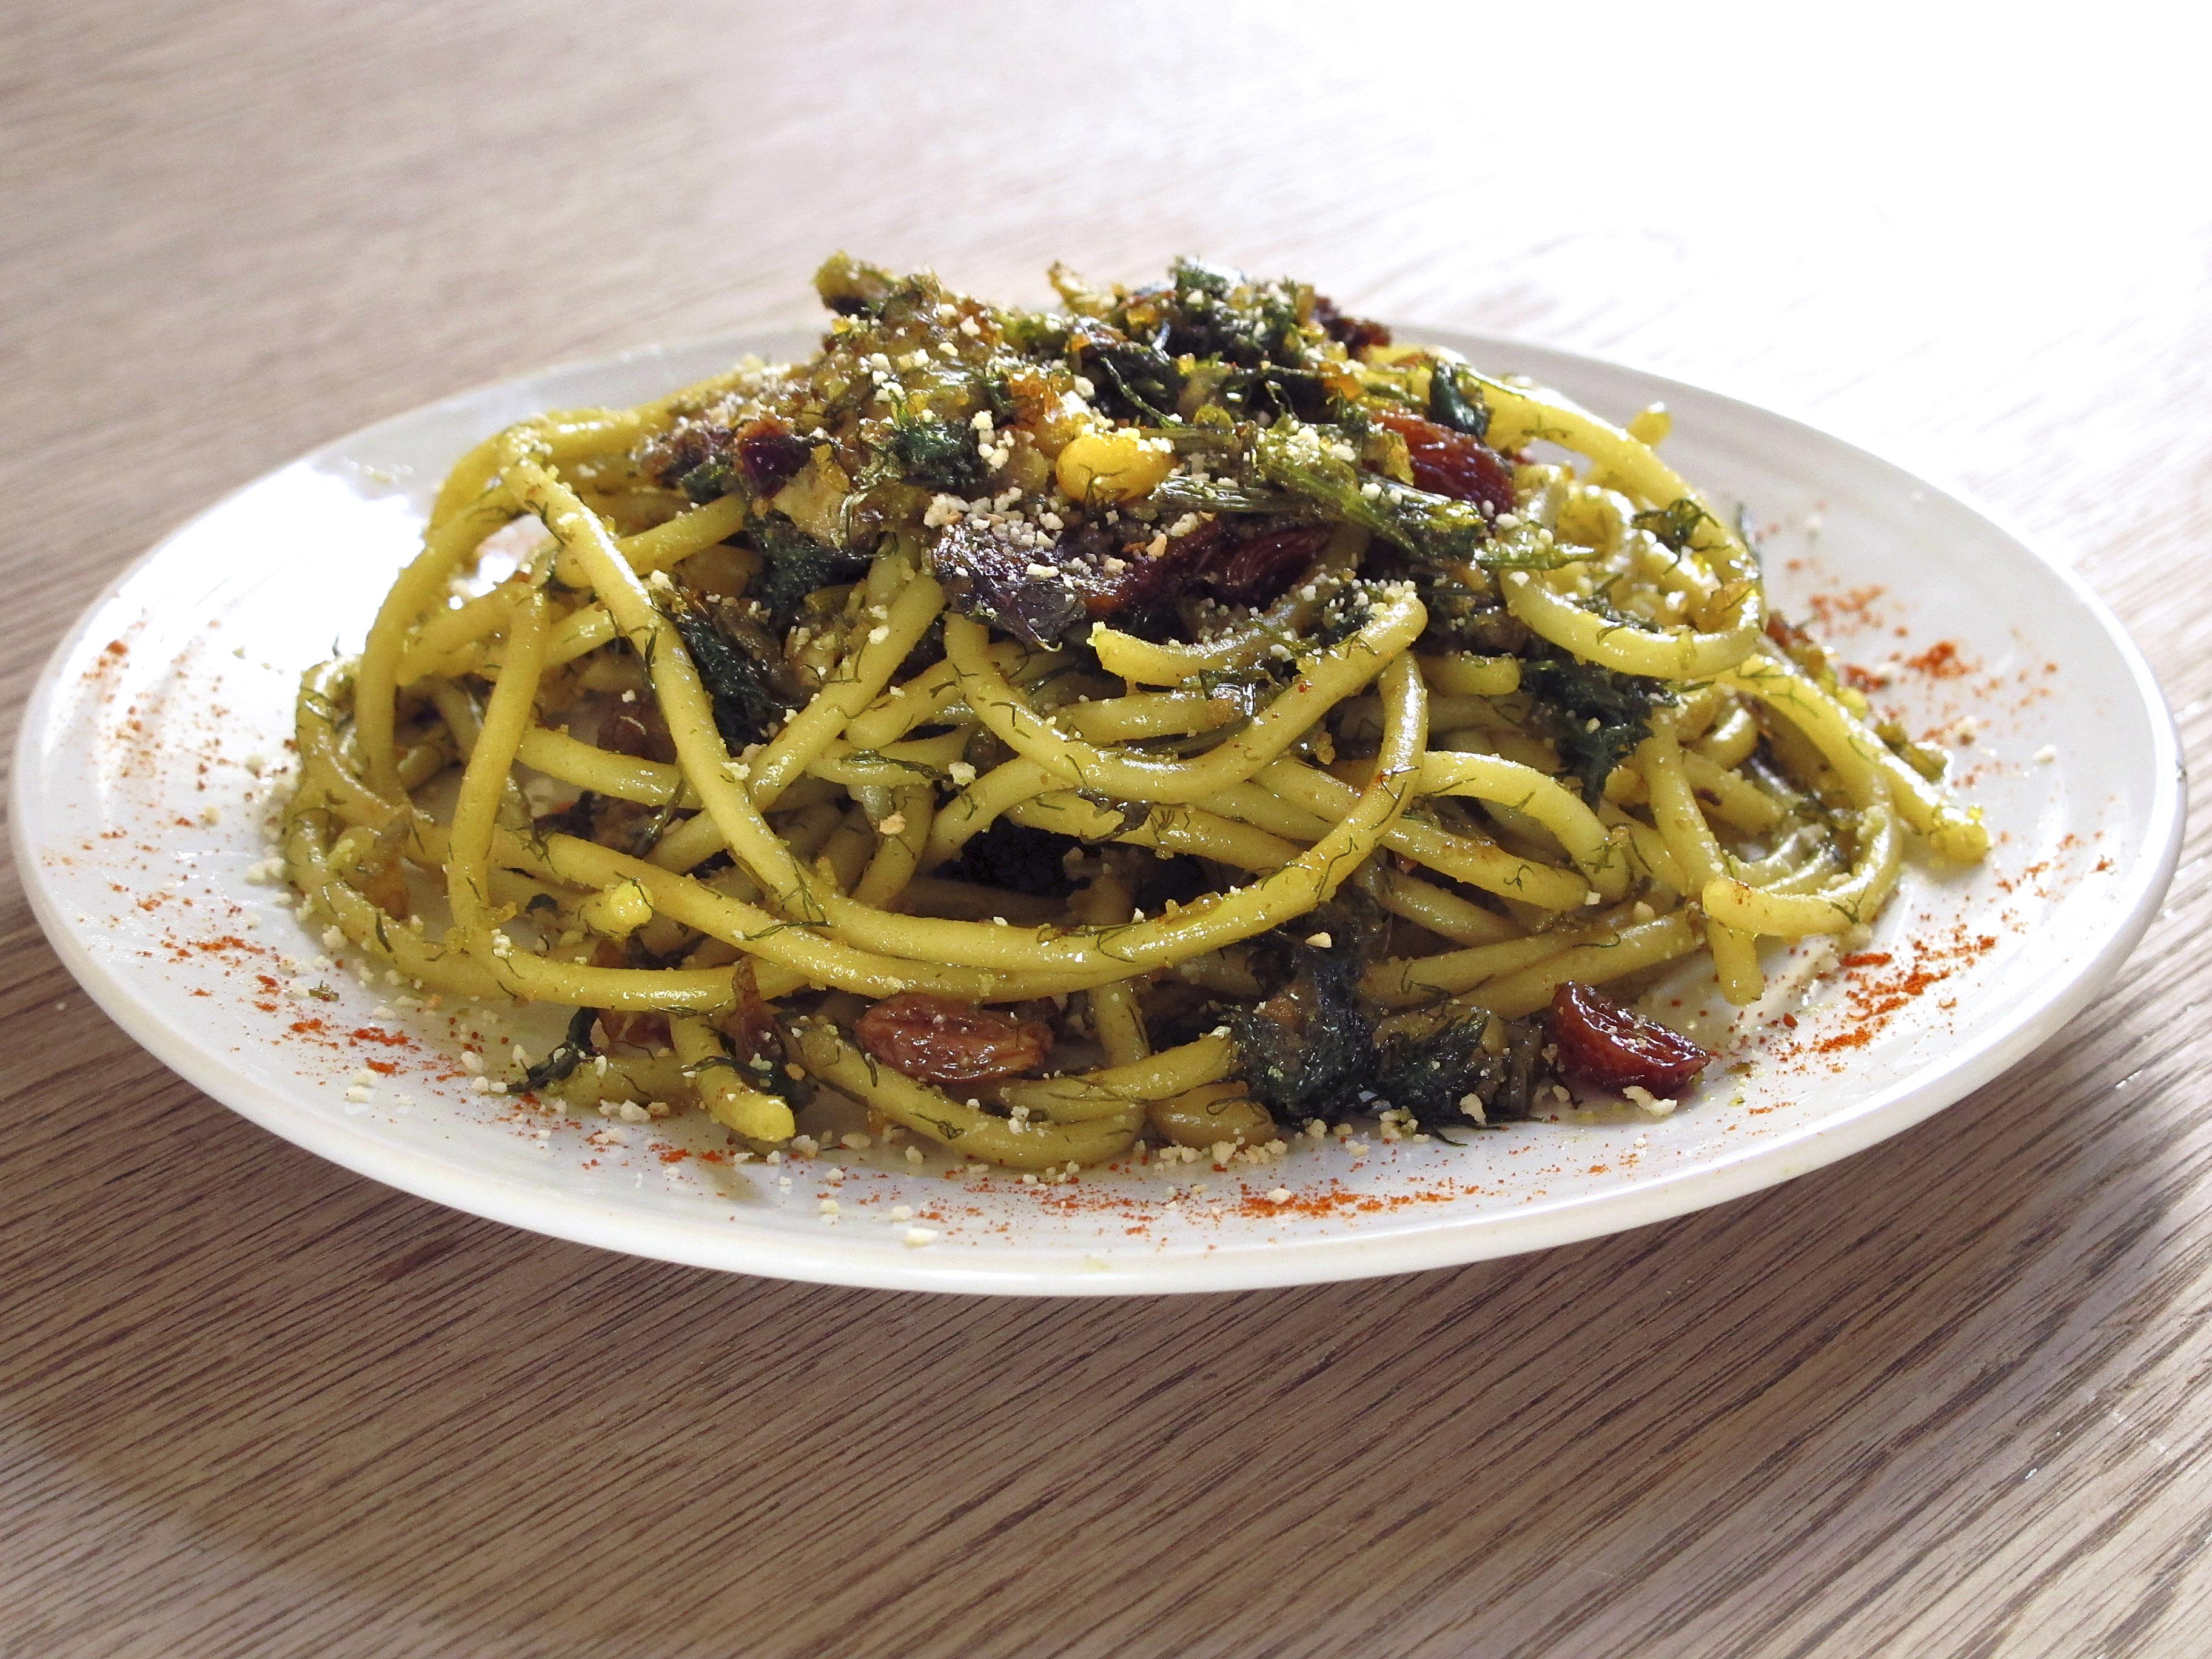 ... sardines pasta con le sarde recipe sbs food pasta con le sarde